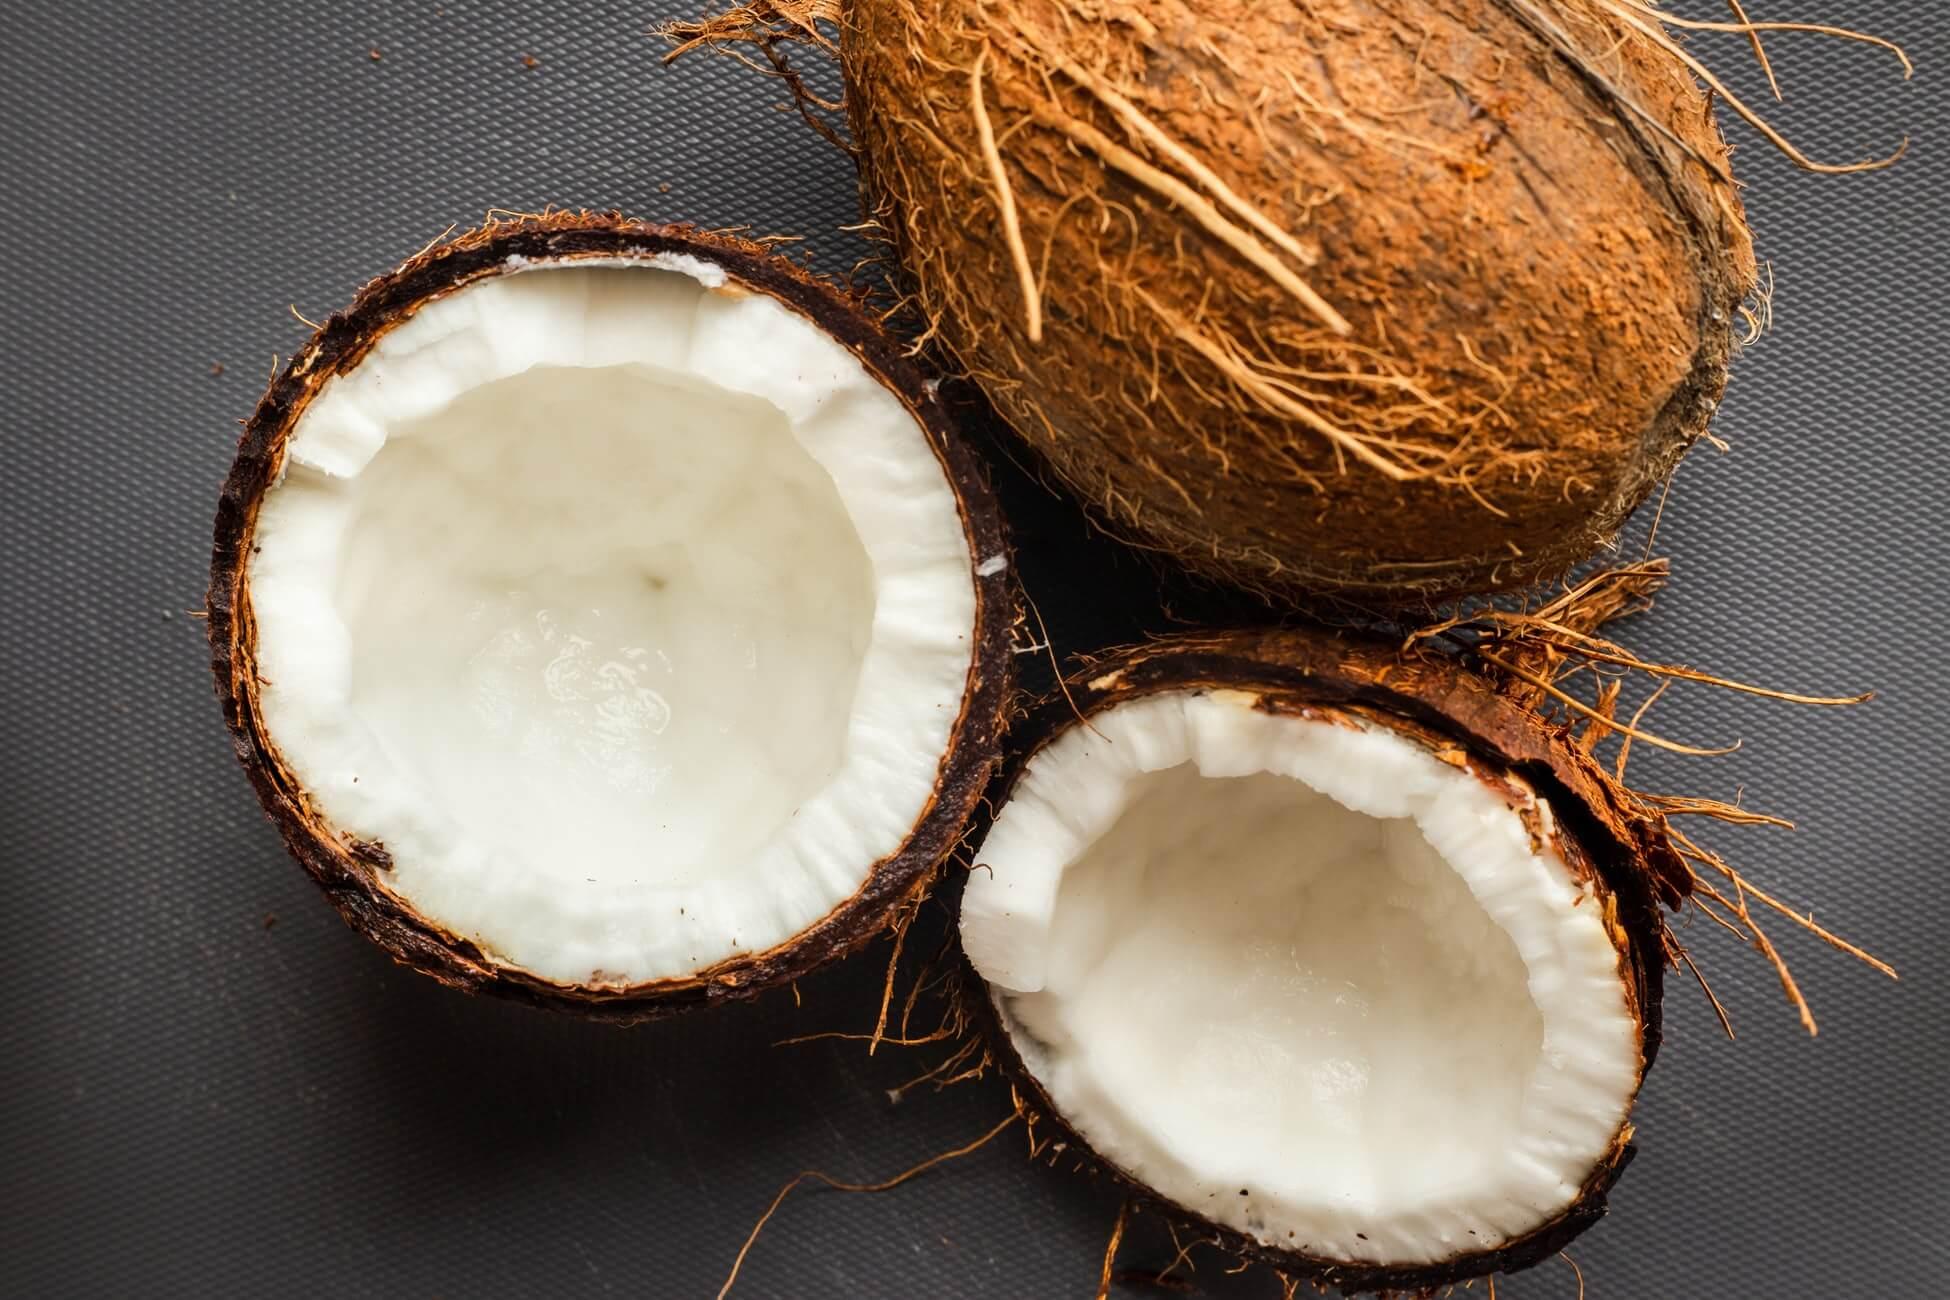 Кокосовый орех или кокос: полезен или вреден? калорийность, польза и вред кокоса, и его влияние на здоровье детей и взрослых